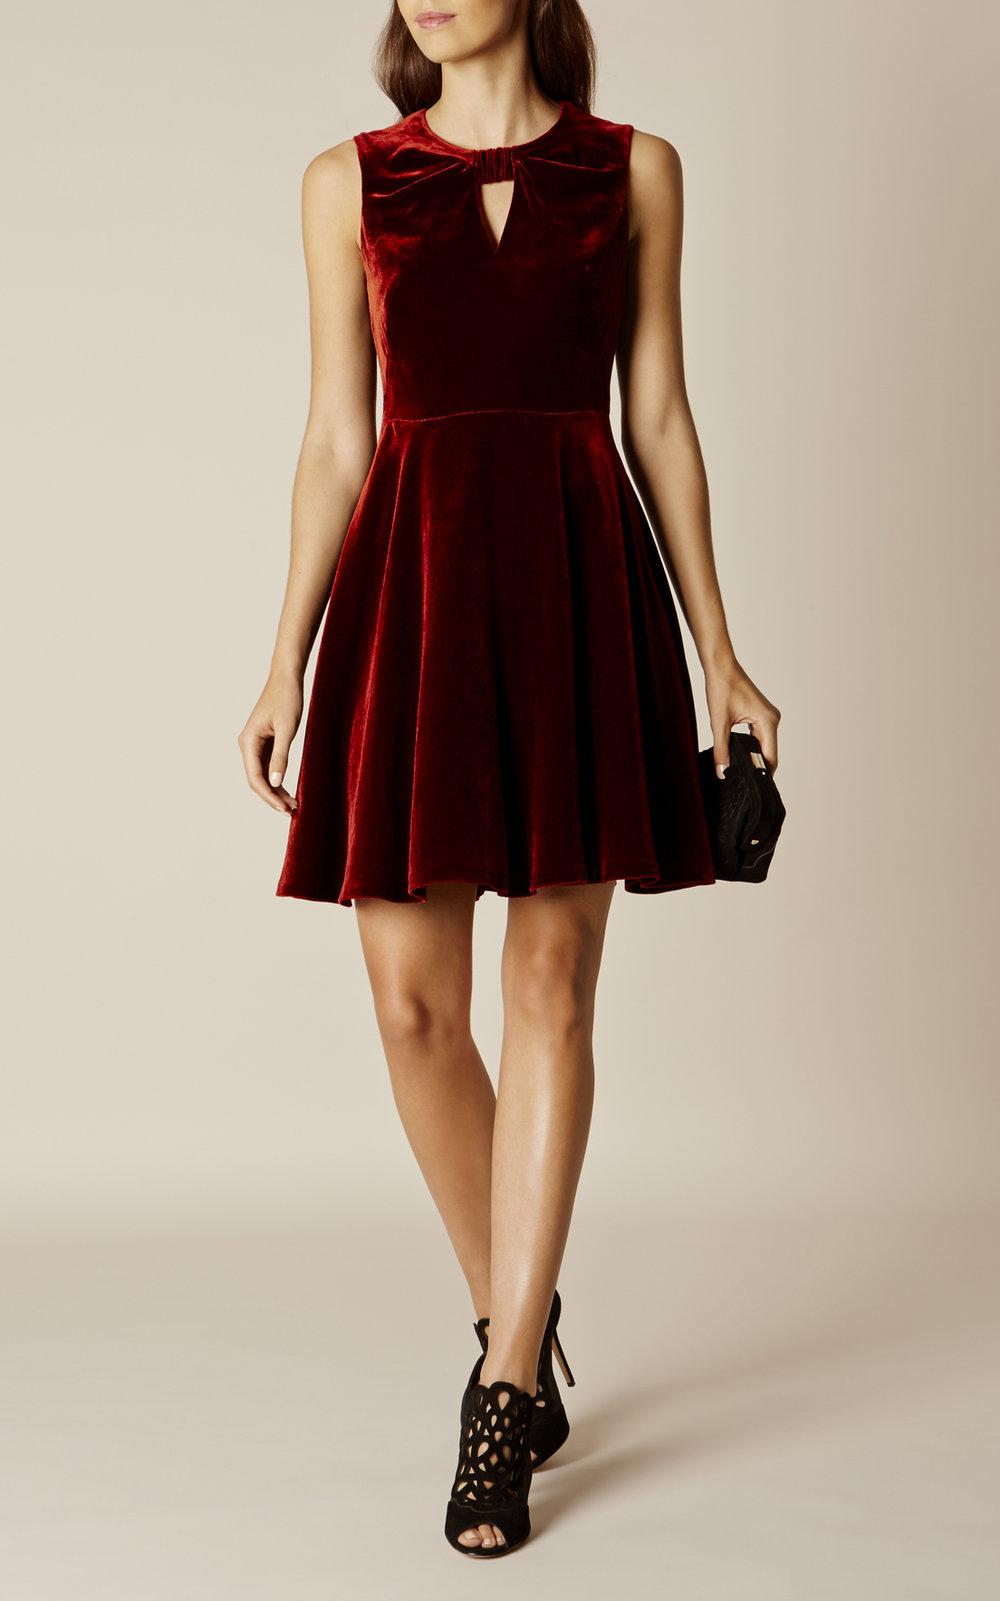 Velvet Dress, £170, Karen Millen